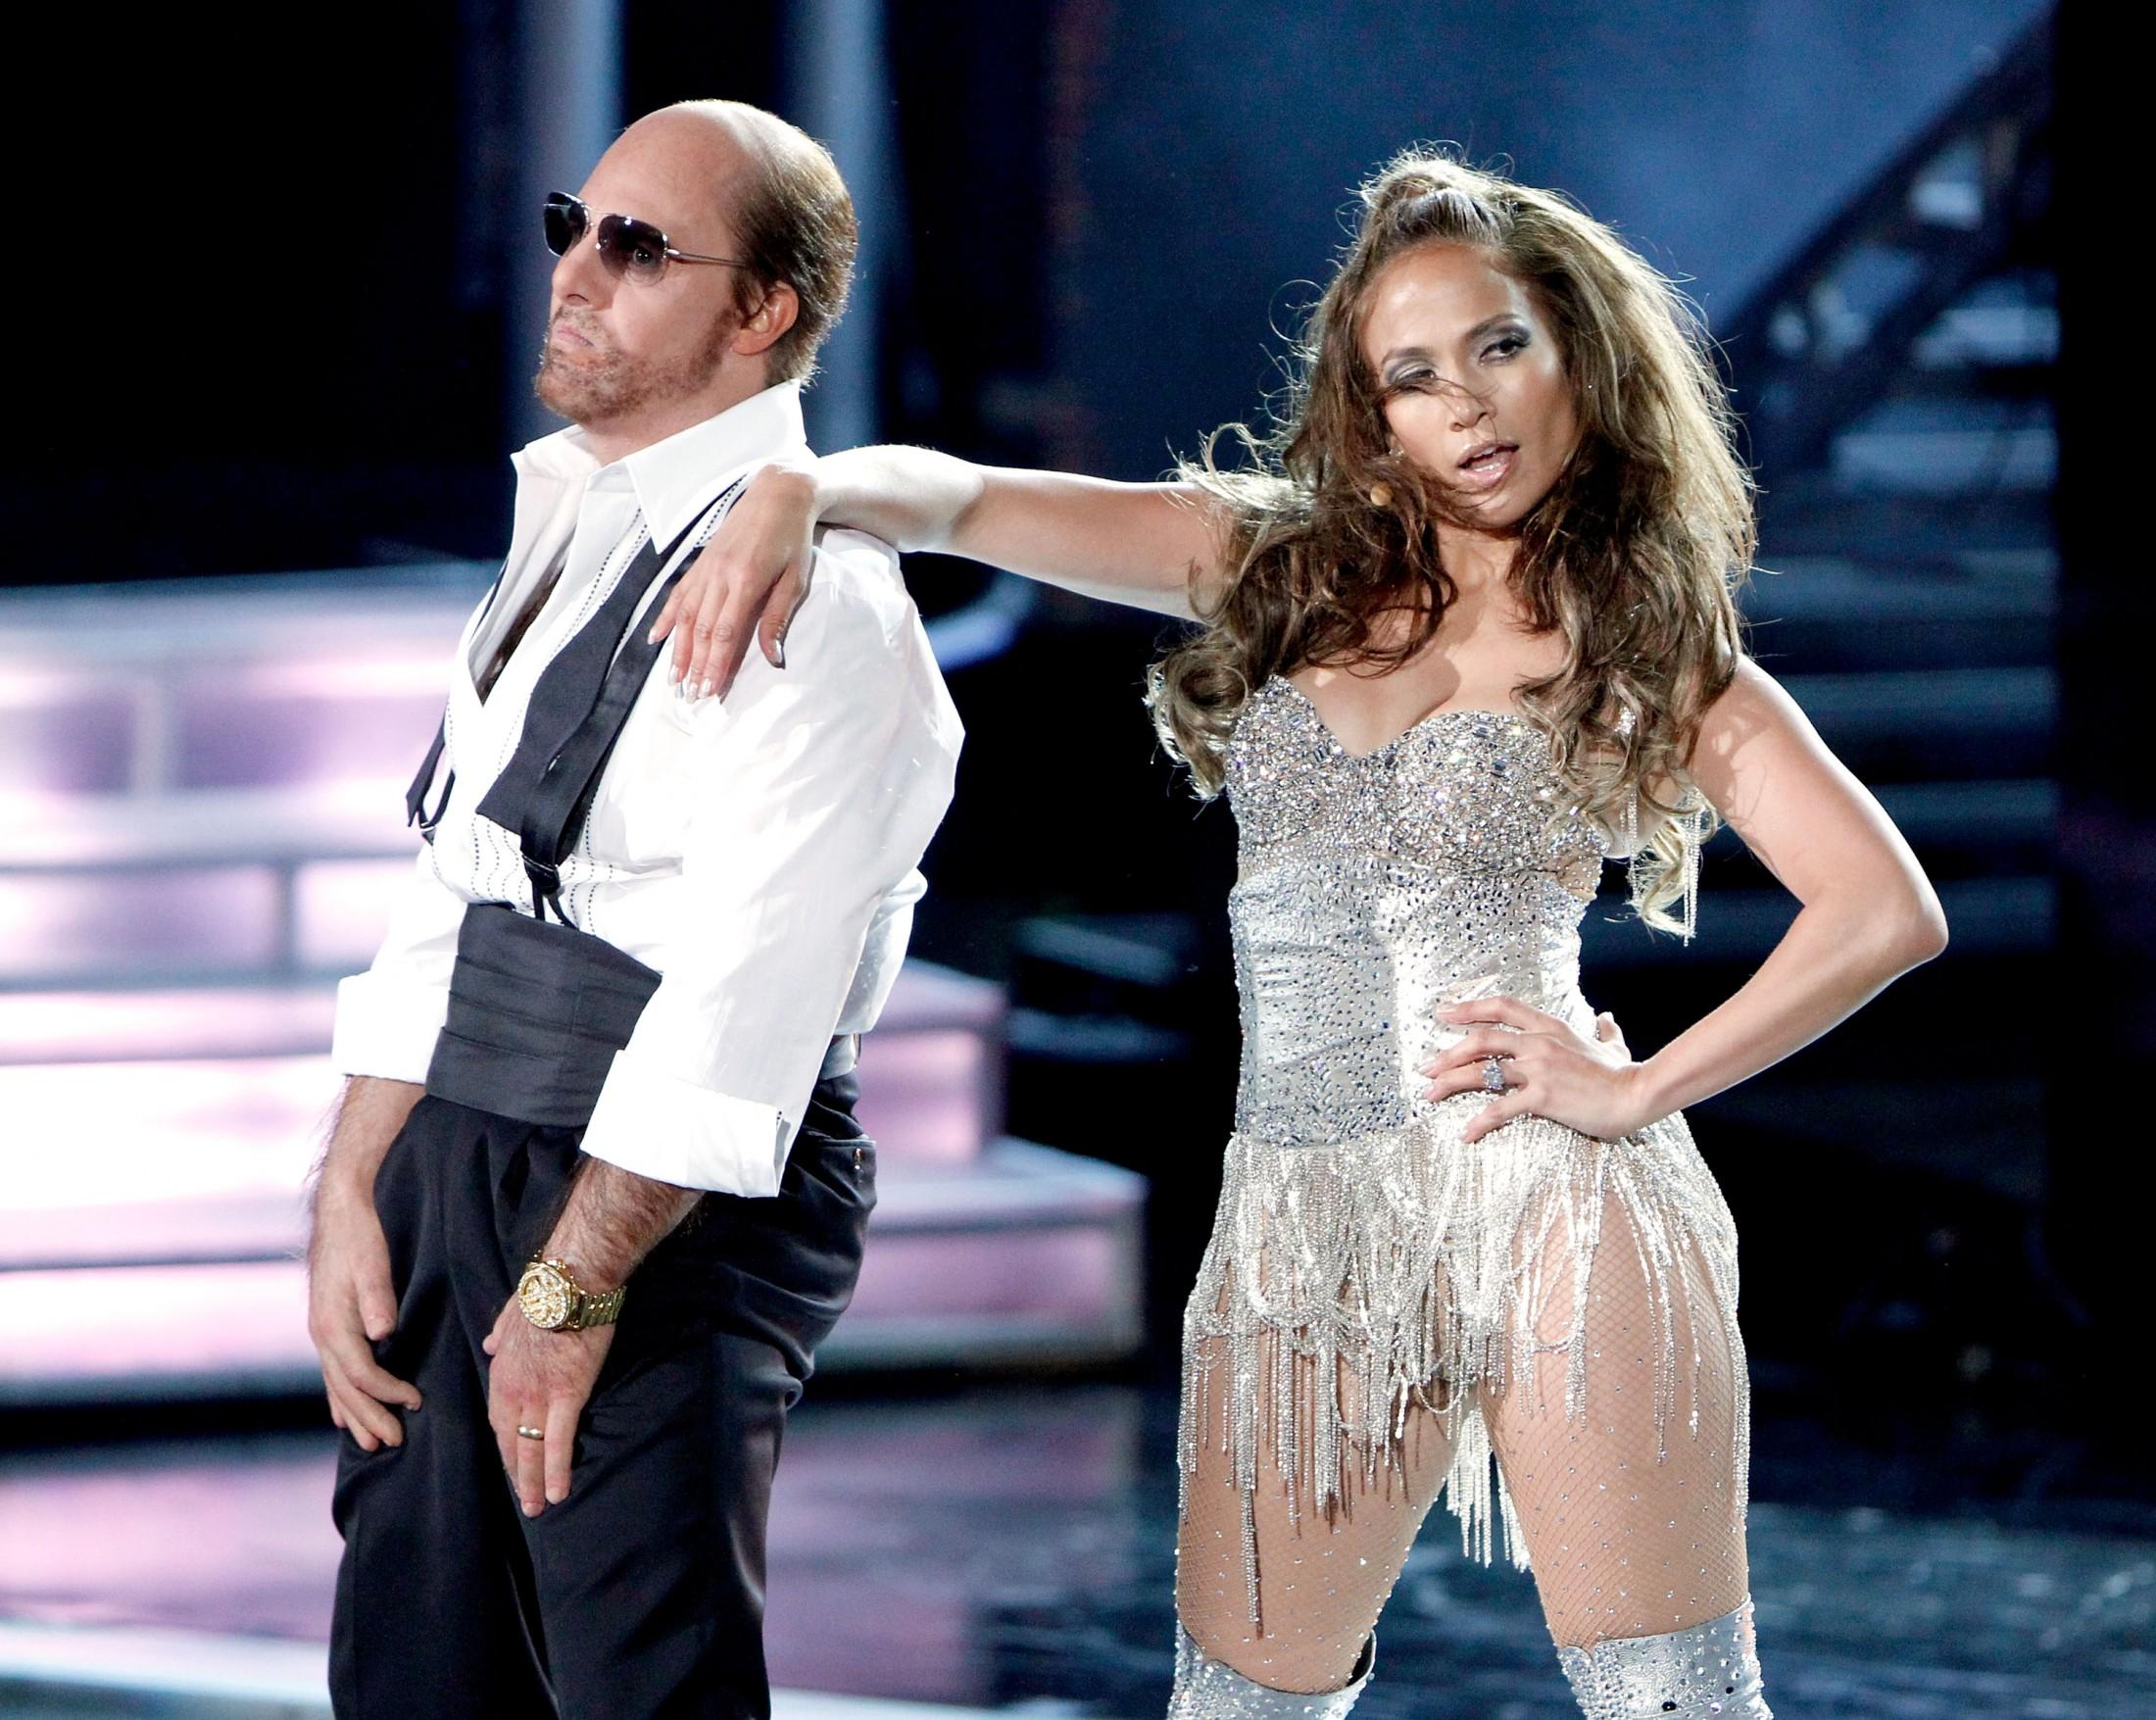 Jennifer Lopez 2010 : jennifer-lopez-performing-at-the-2010-mtv-movie-awards-10